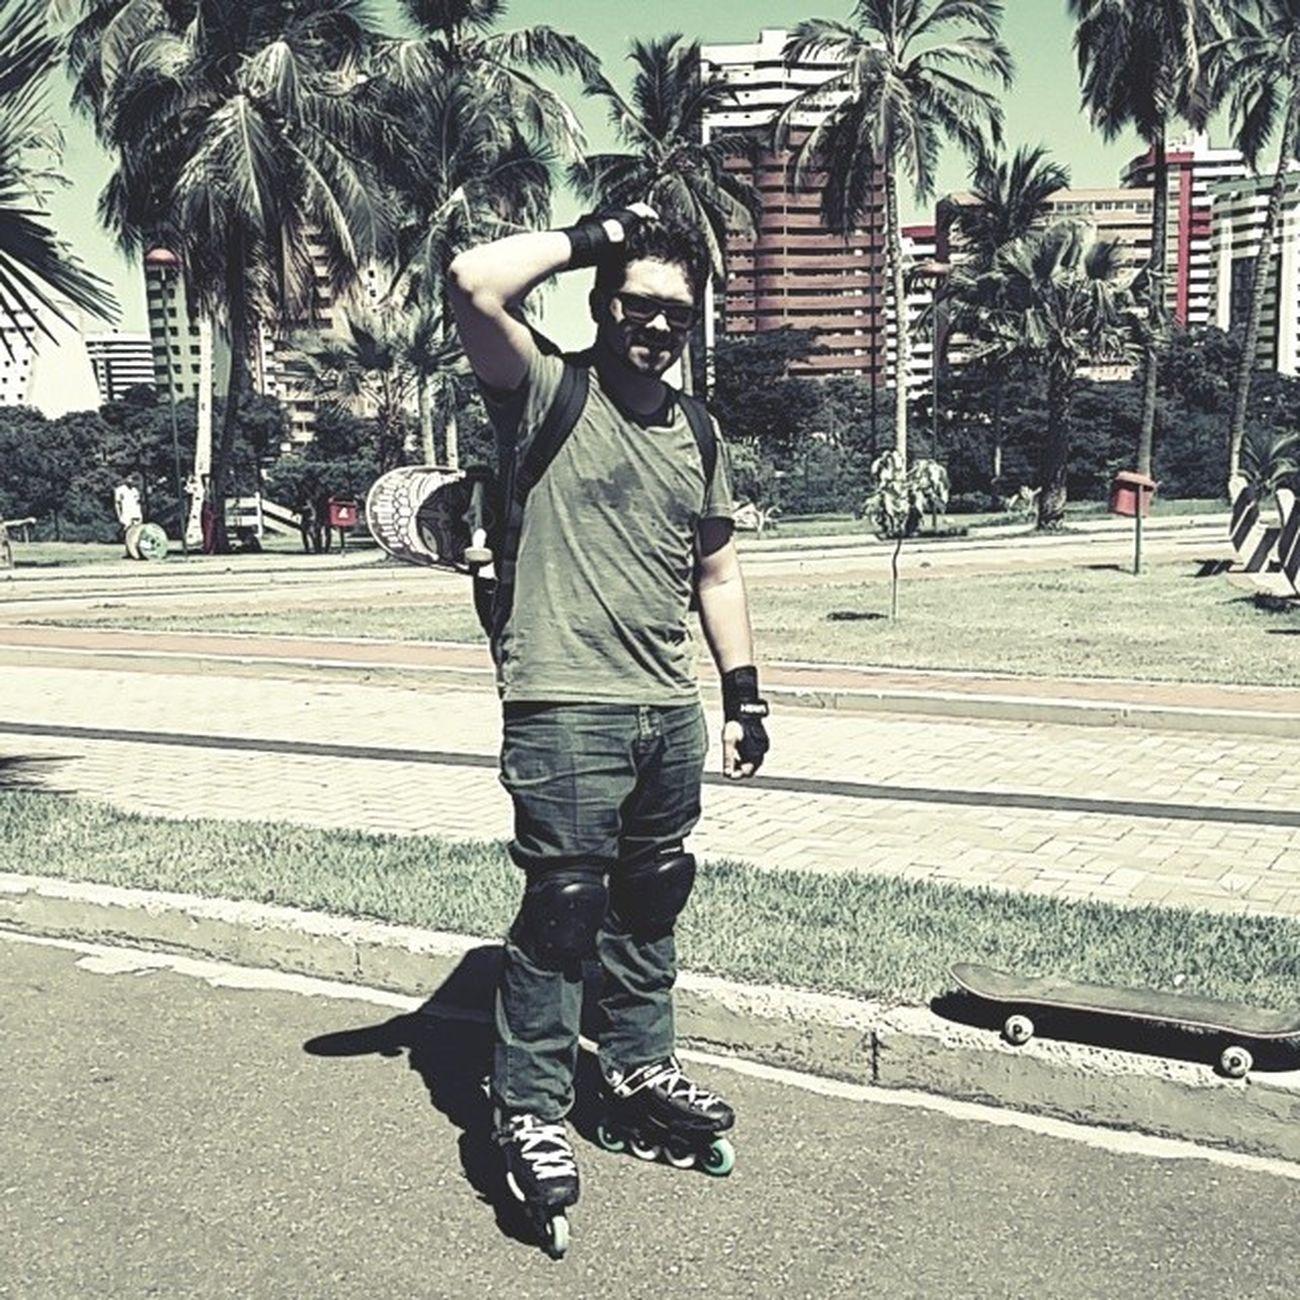 Slalom na Potycabana! ??. Me preparando para o ibirapuera. @lua_fernandesz, Tou fazendo minha parte. Ficando audacioso... Kkkkkkkkk Equilibrio Suabacon Slalom Skate inline